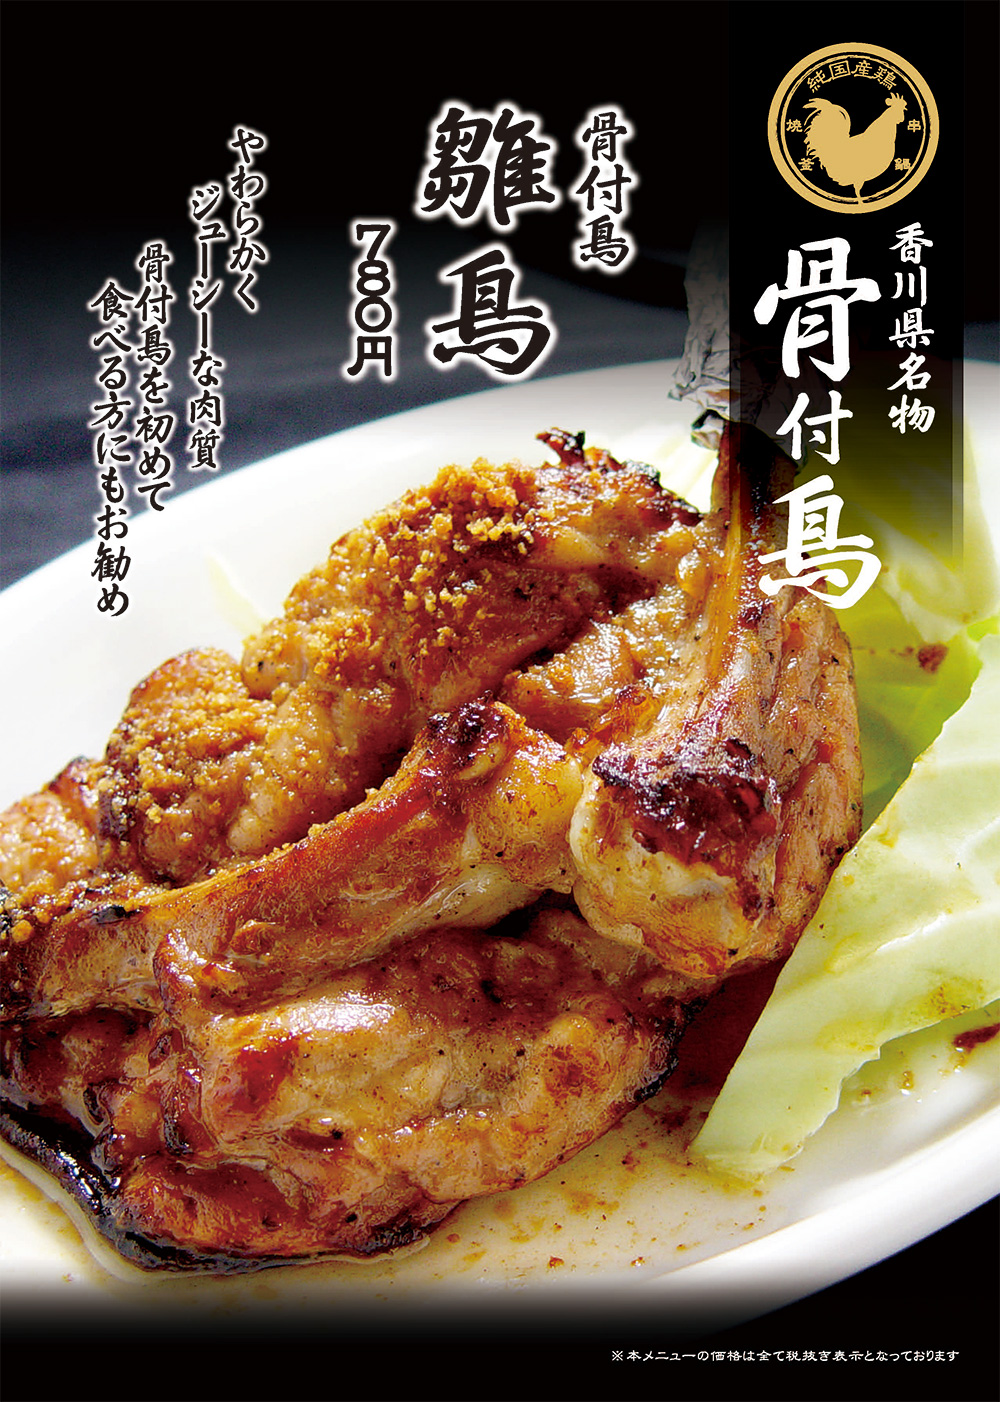 香川県名物 骨付鳥 雛鳥